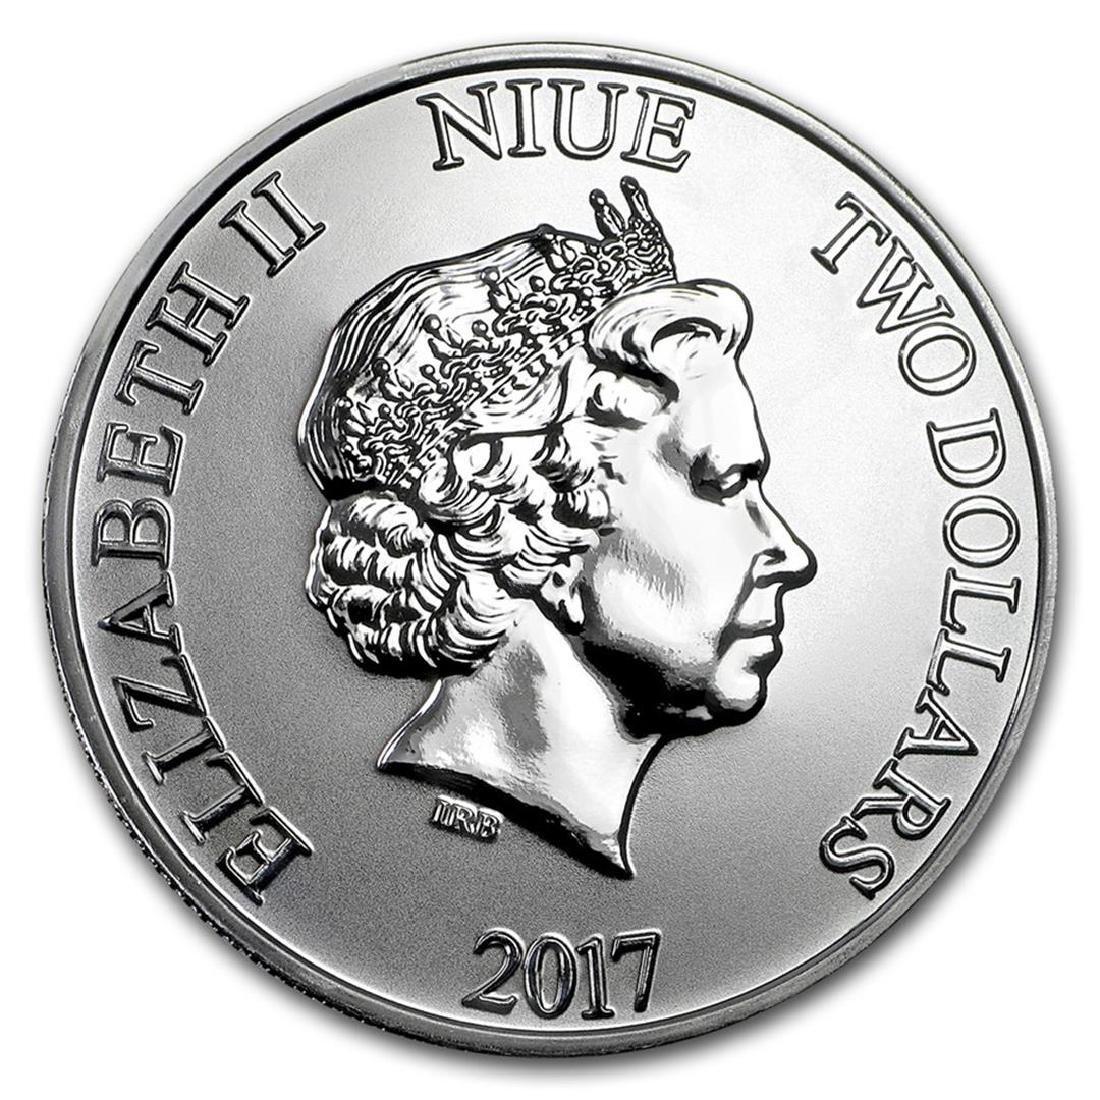 2017 Niue $2 Star Wars Darth Vader Silver Coin - 2